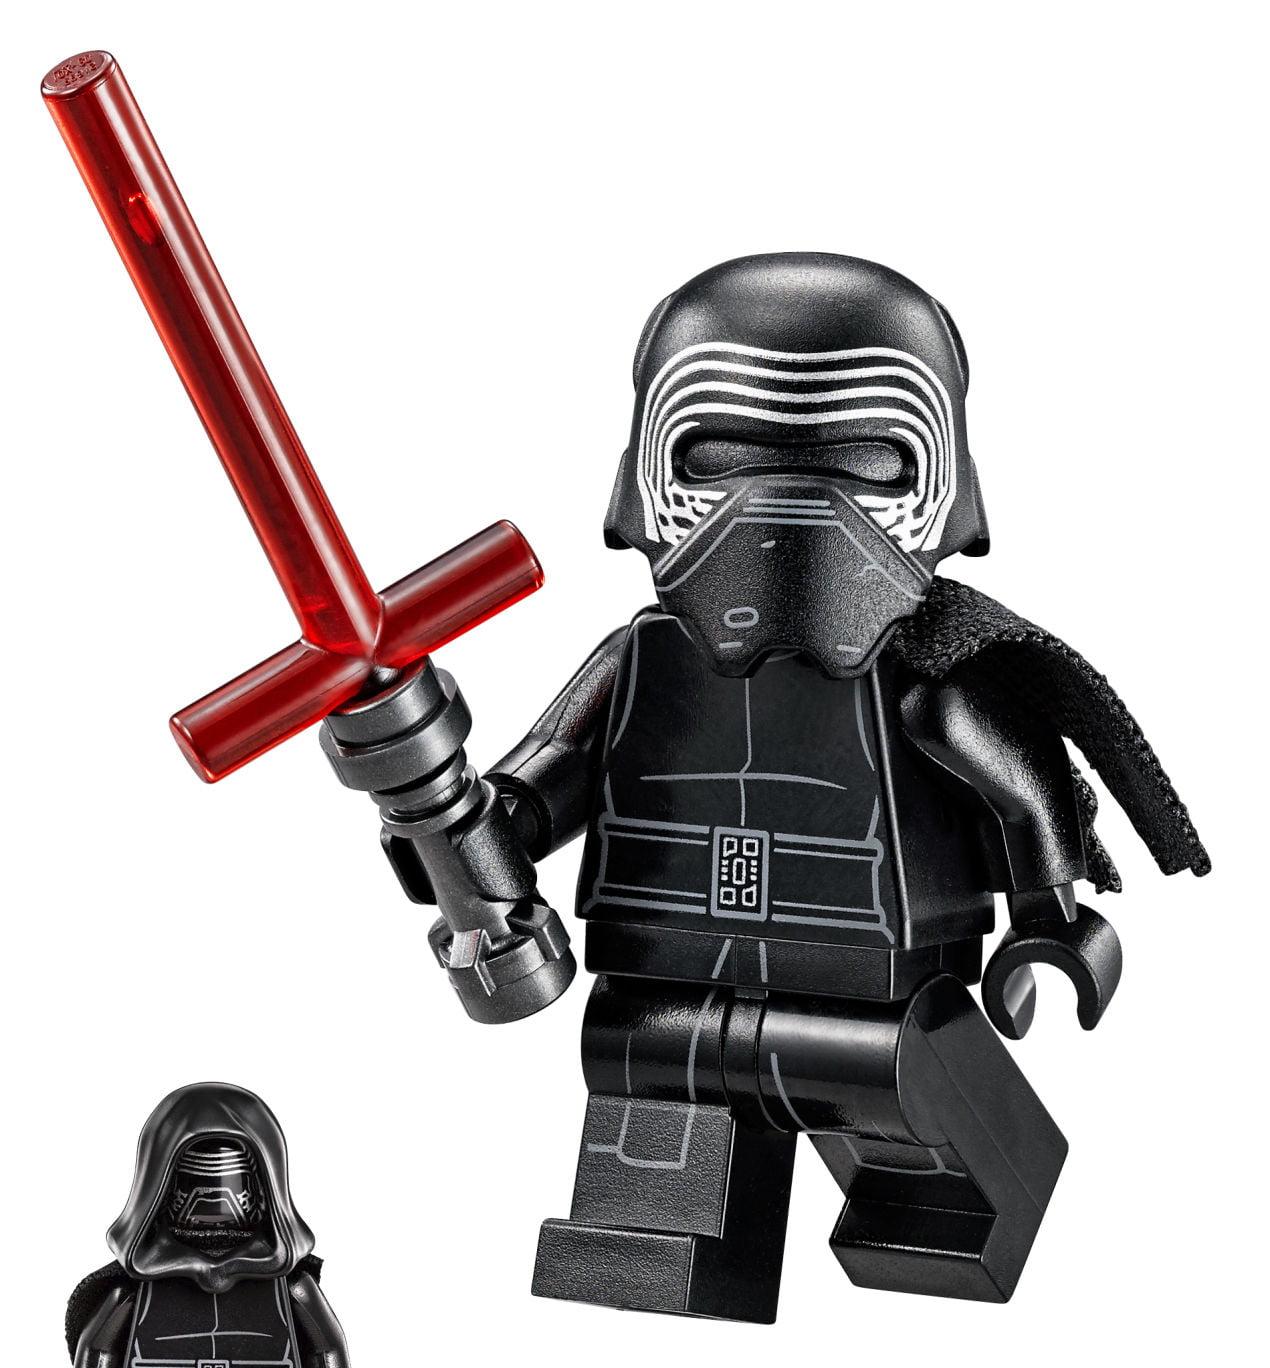 Lego star wars kylo ren from set 75104